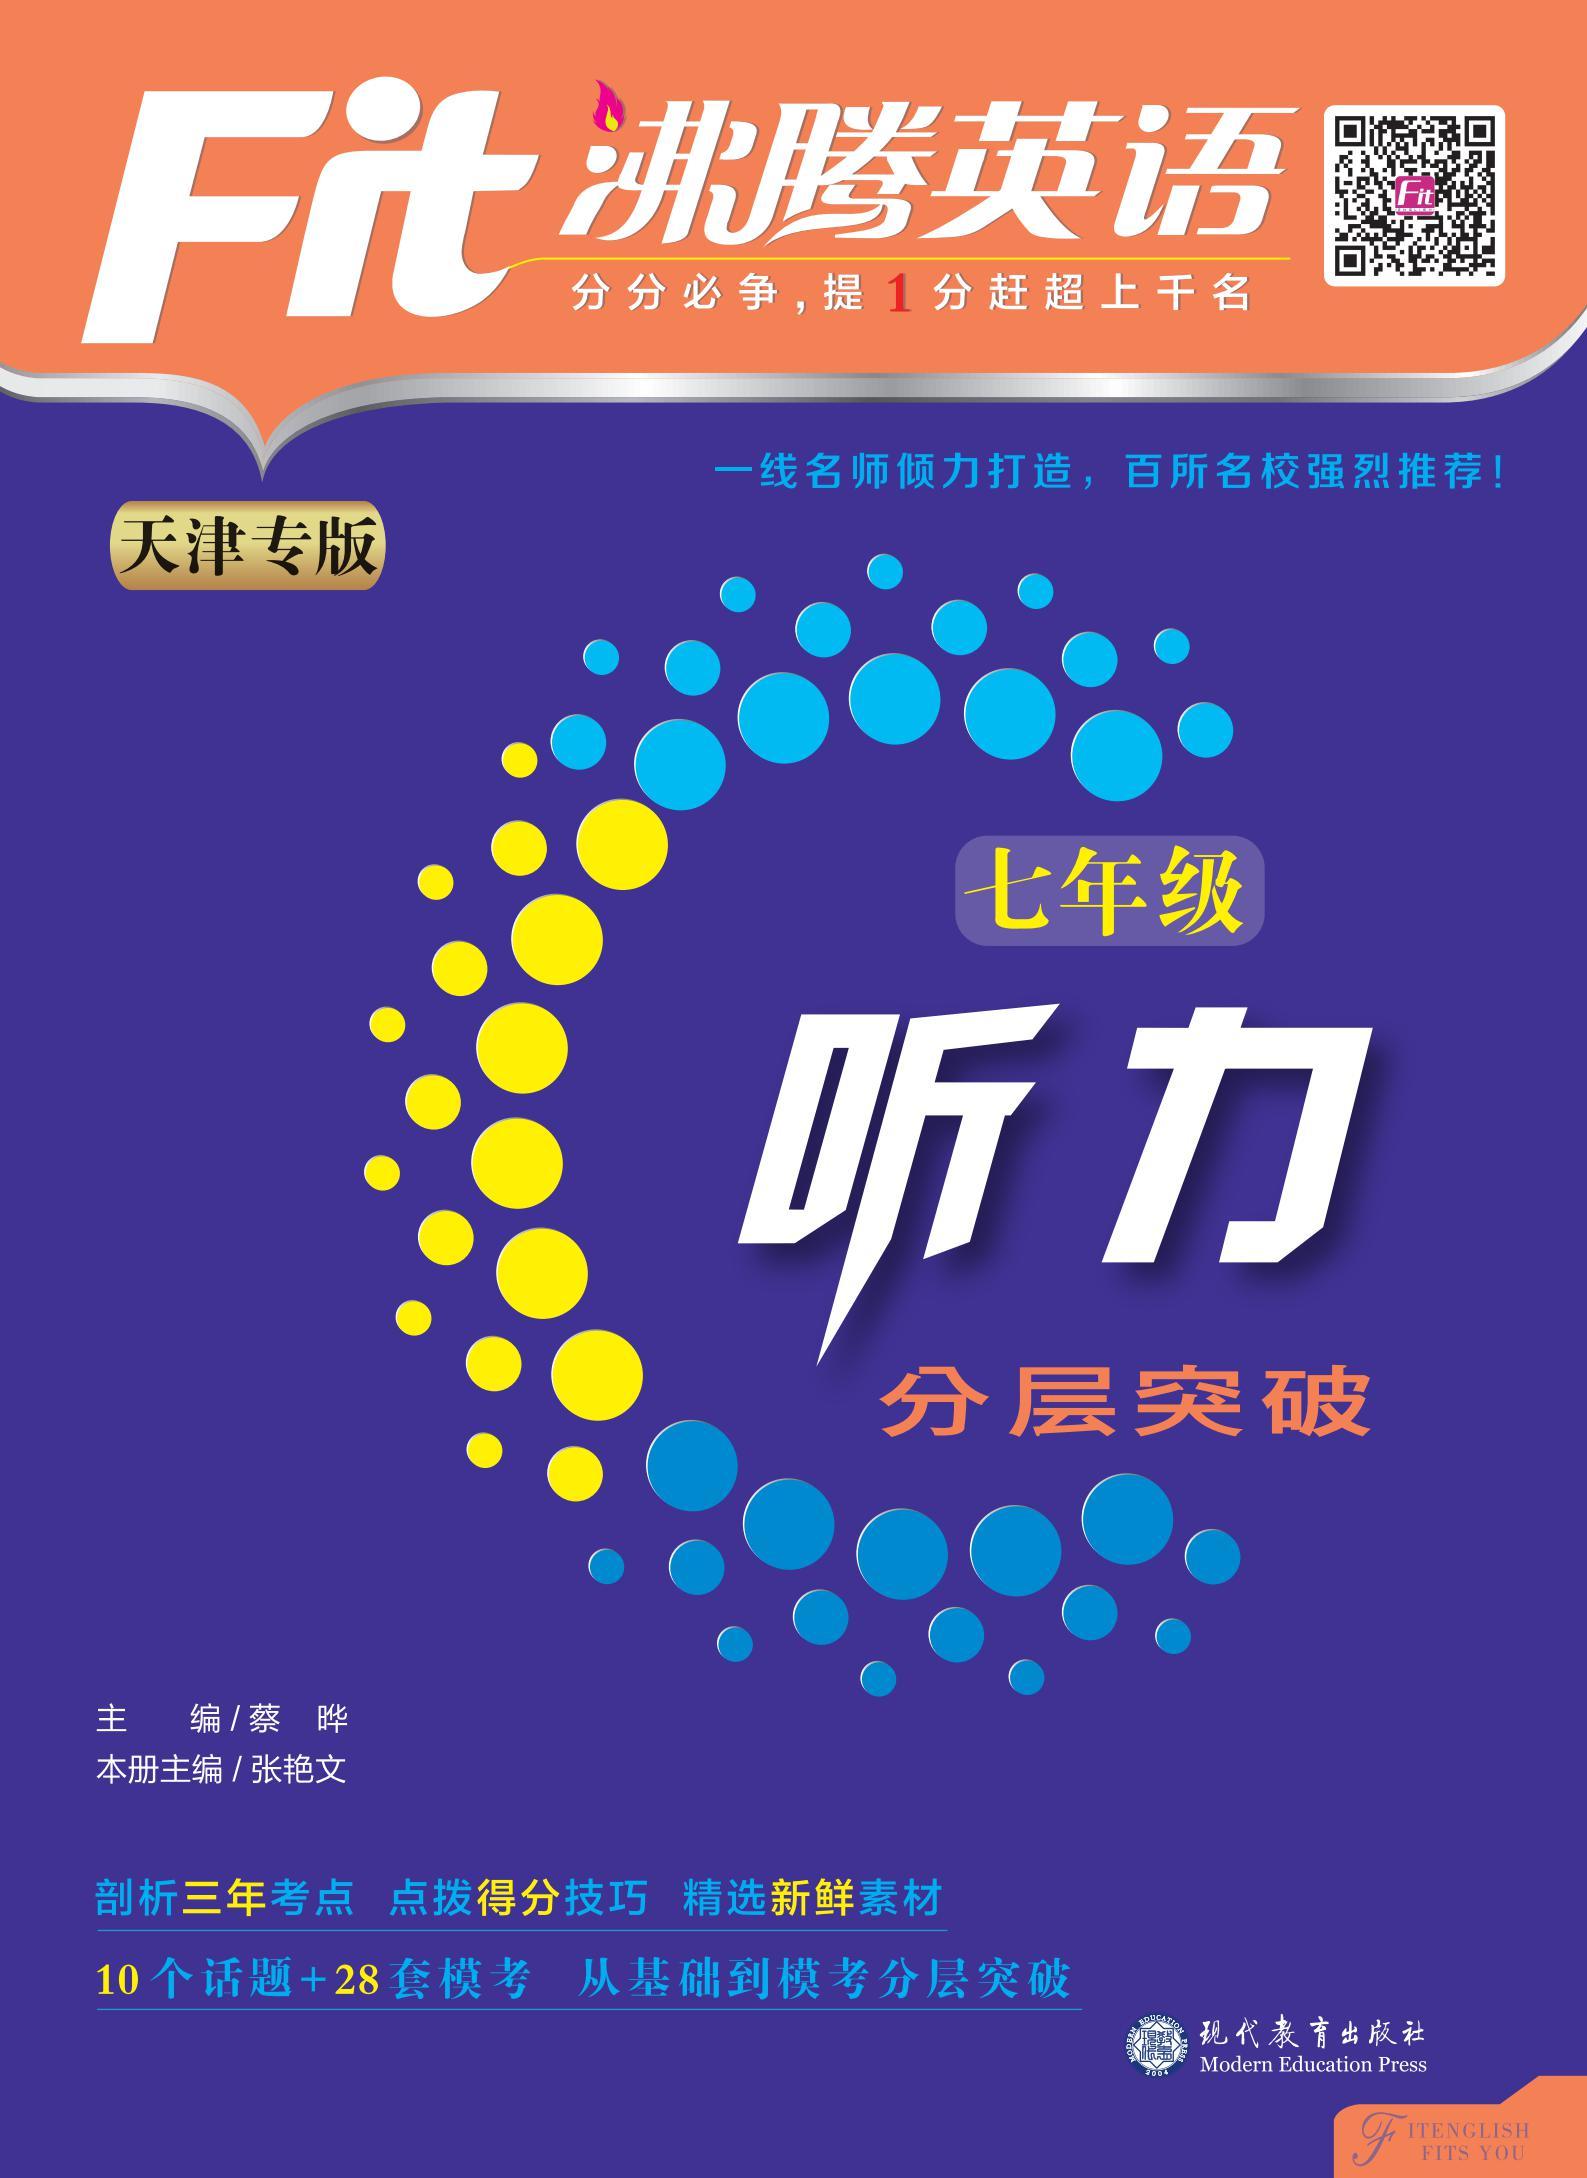 2021七年級【沸騰英語】聽力分層突破(天津專版)